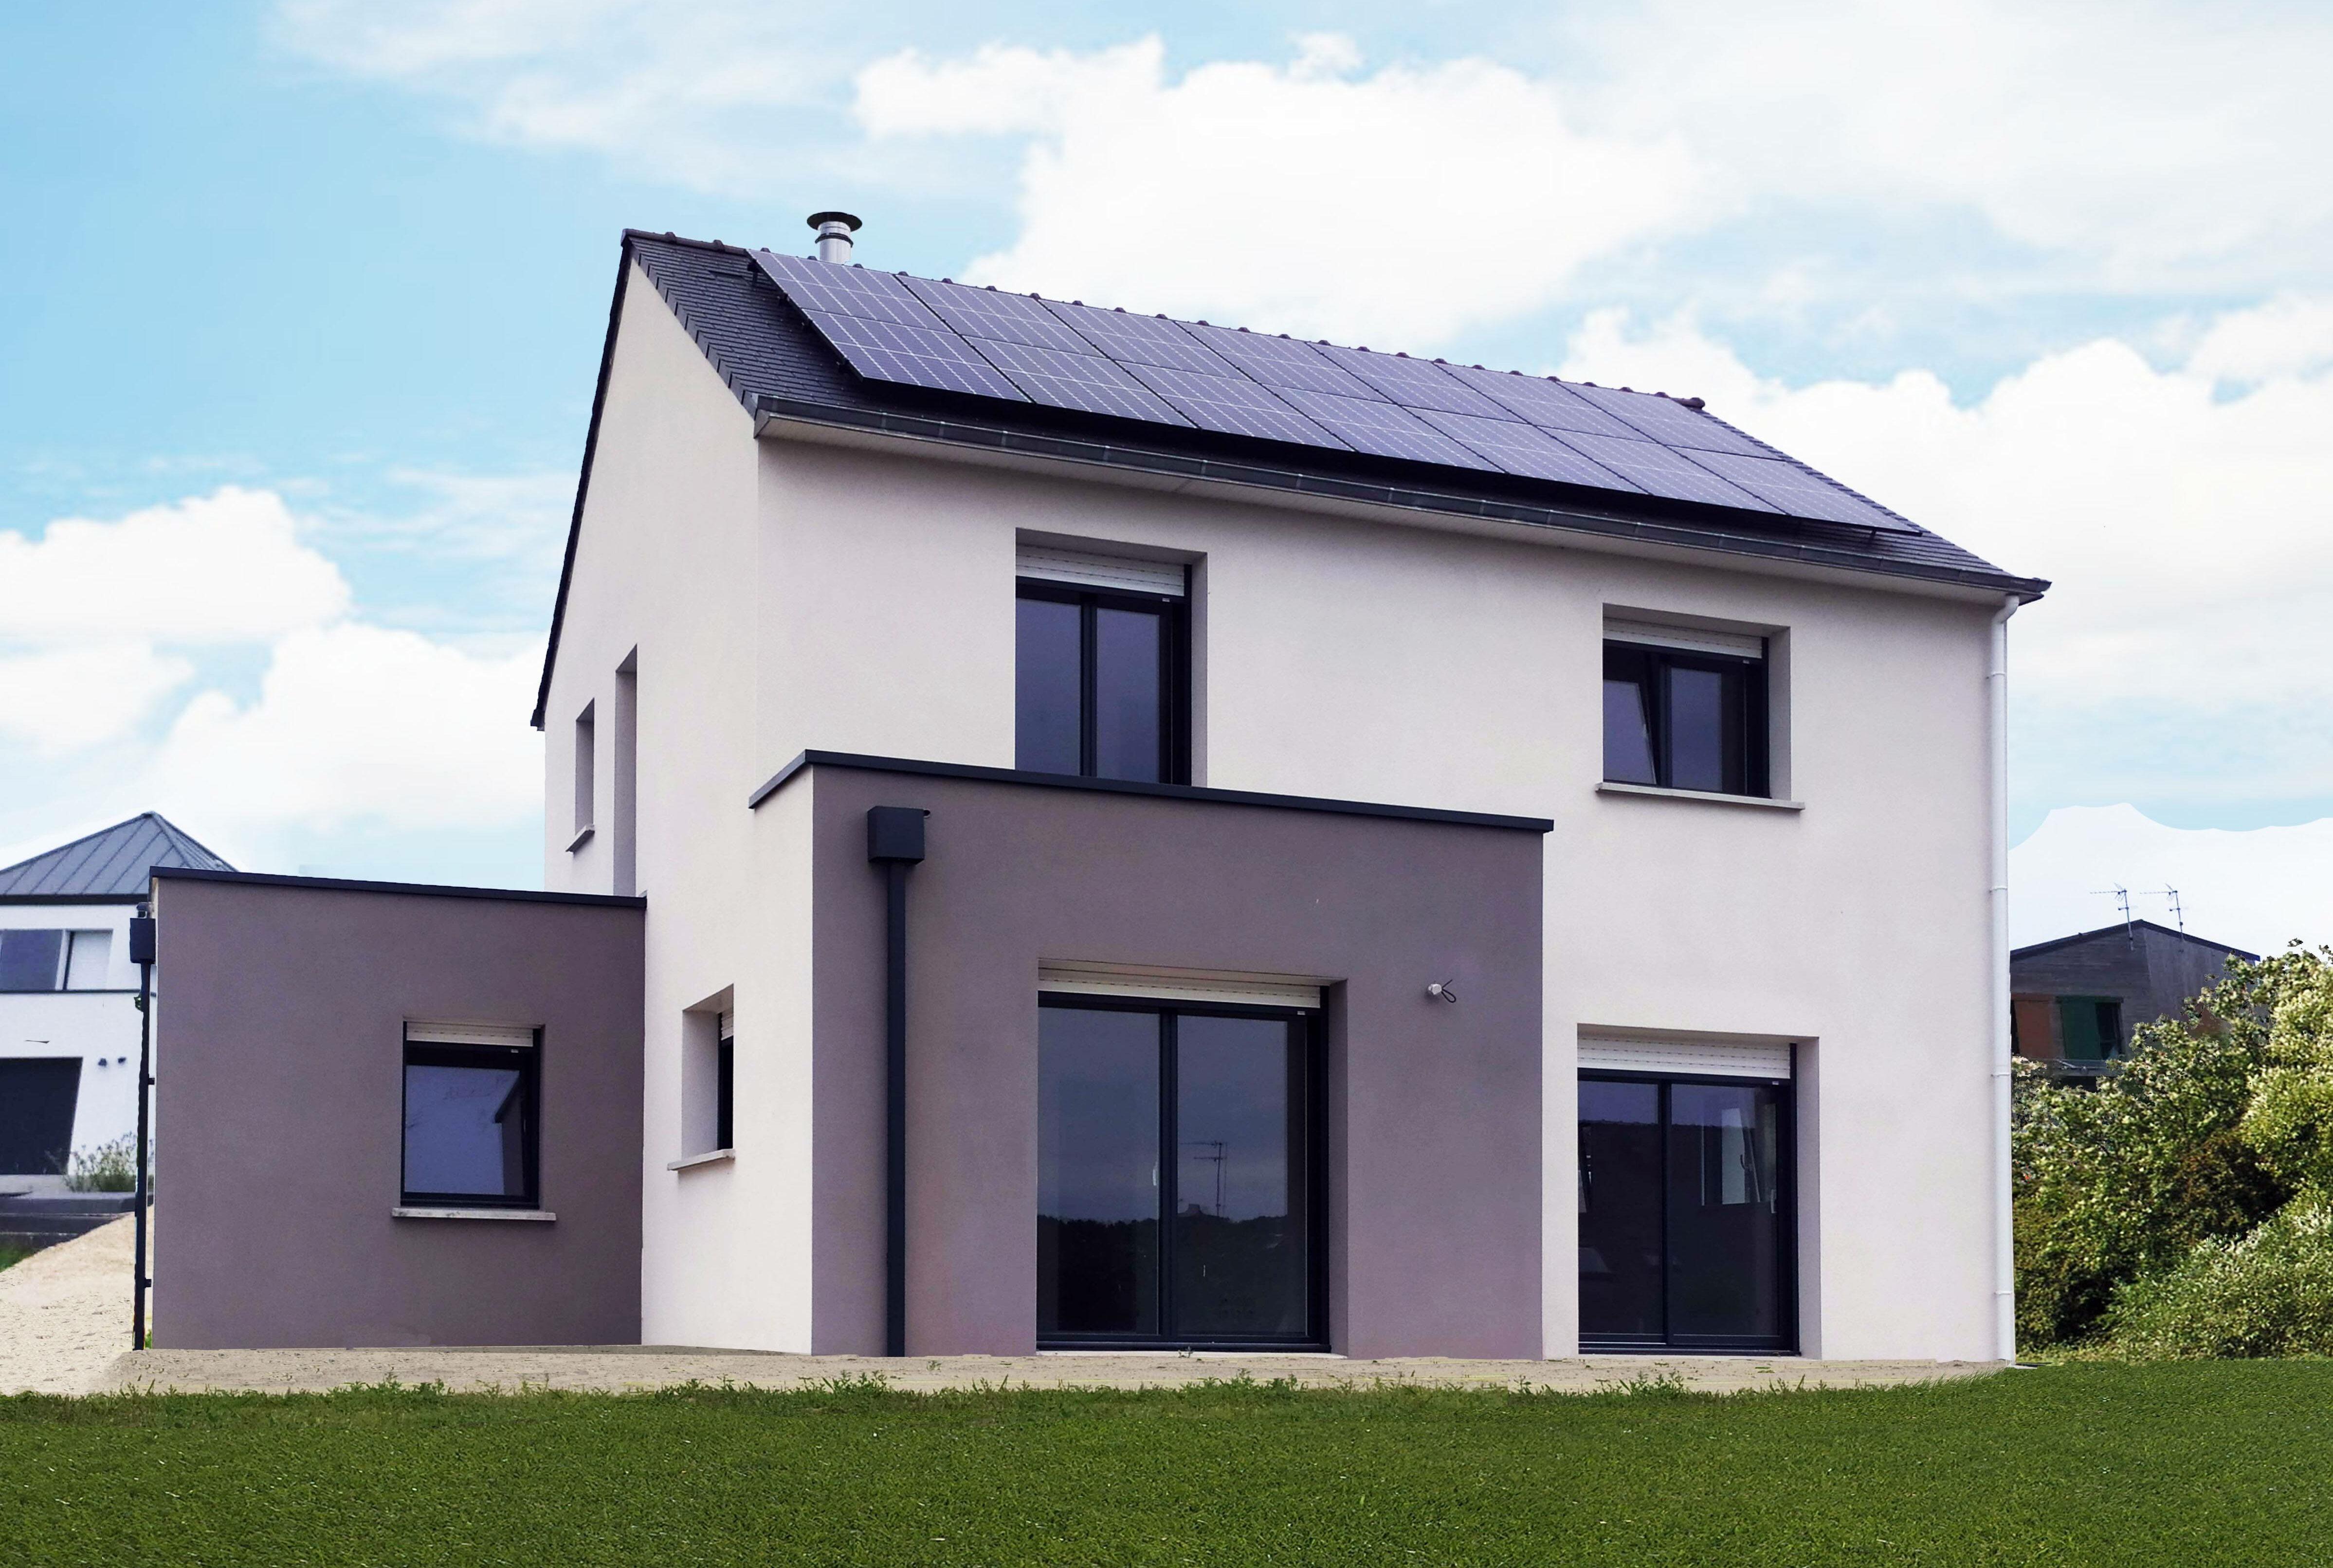 Maison Bâti Activ par Maisons de l'Avenir - Morbihan à Saint-Nolff